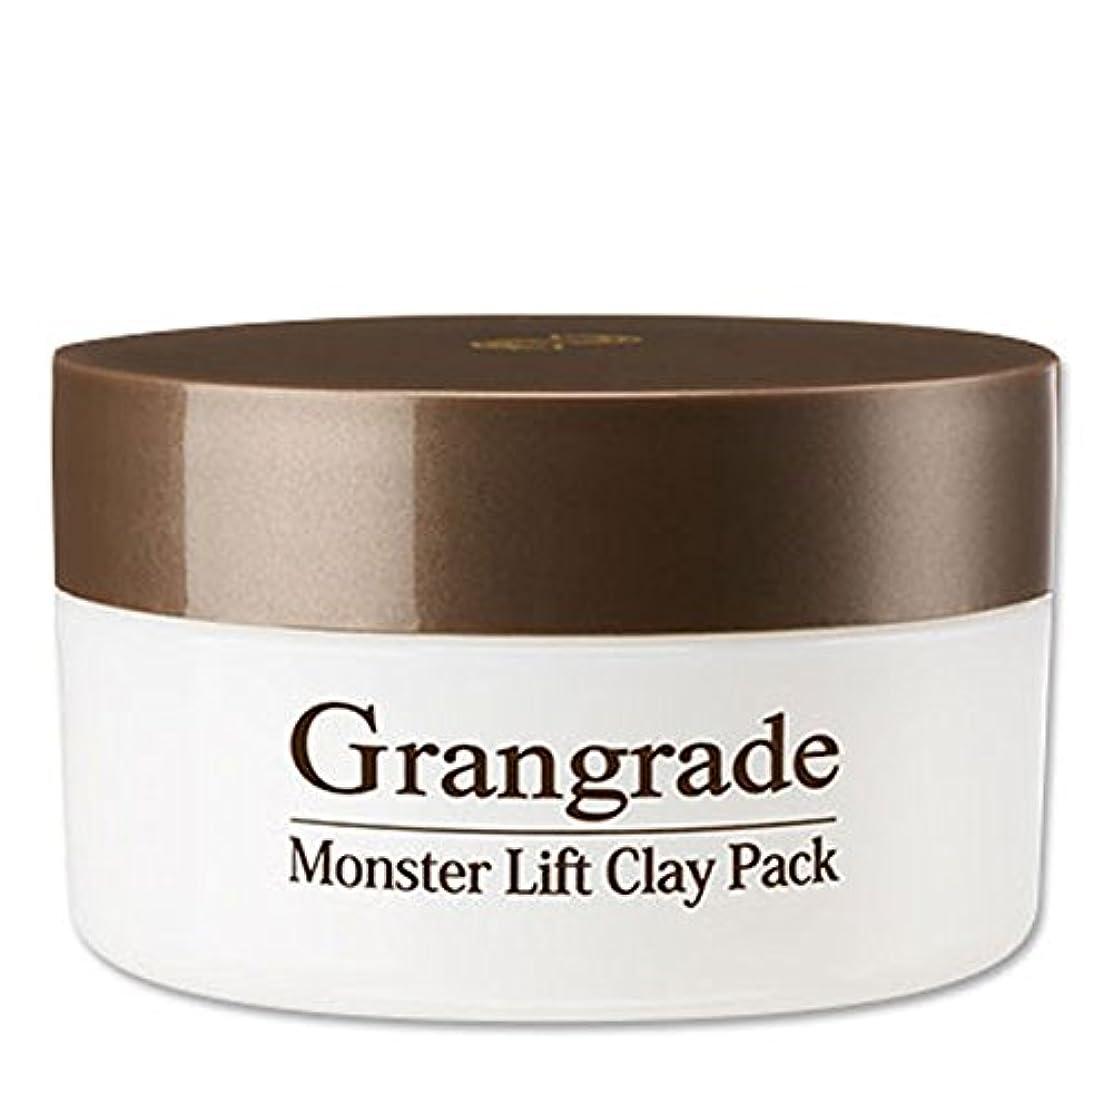 シーズン立証するプレミアGrangrade グラングレイ モンスターリフトクレイパック